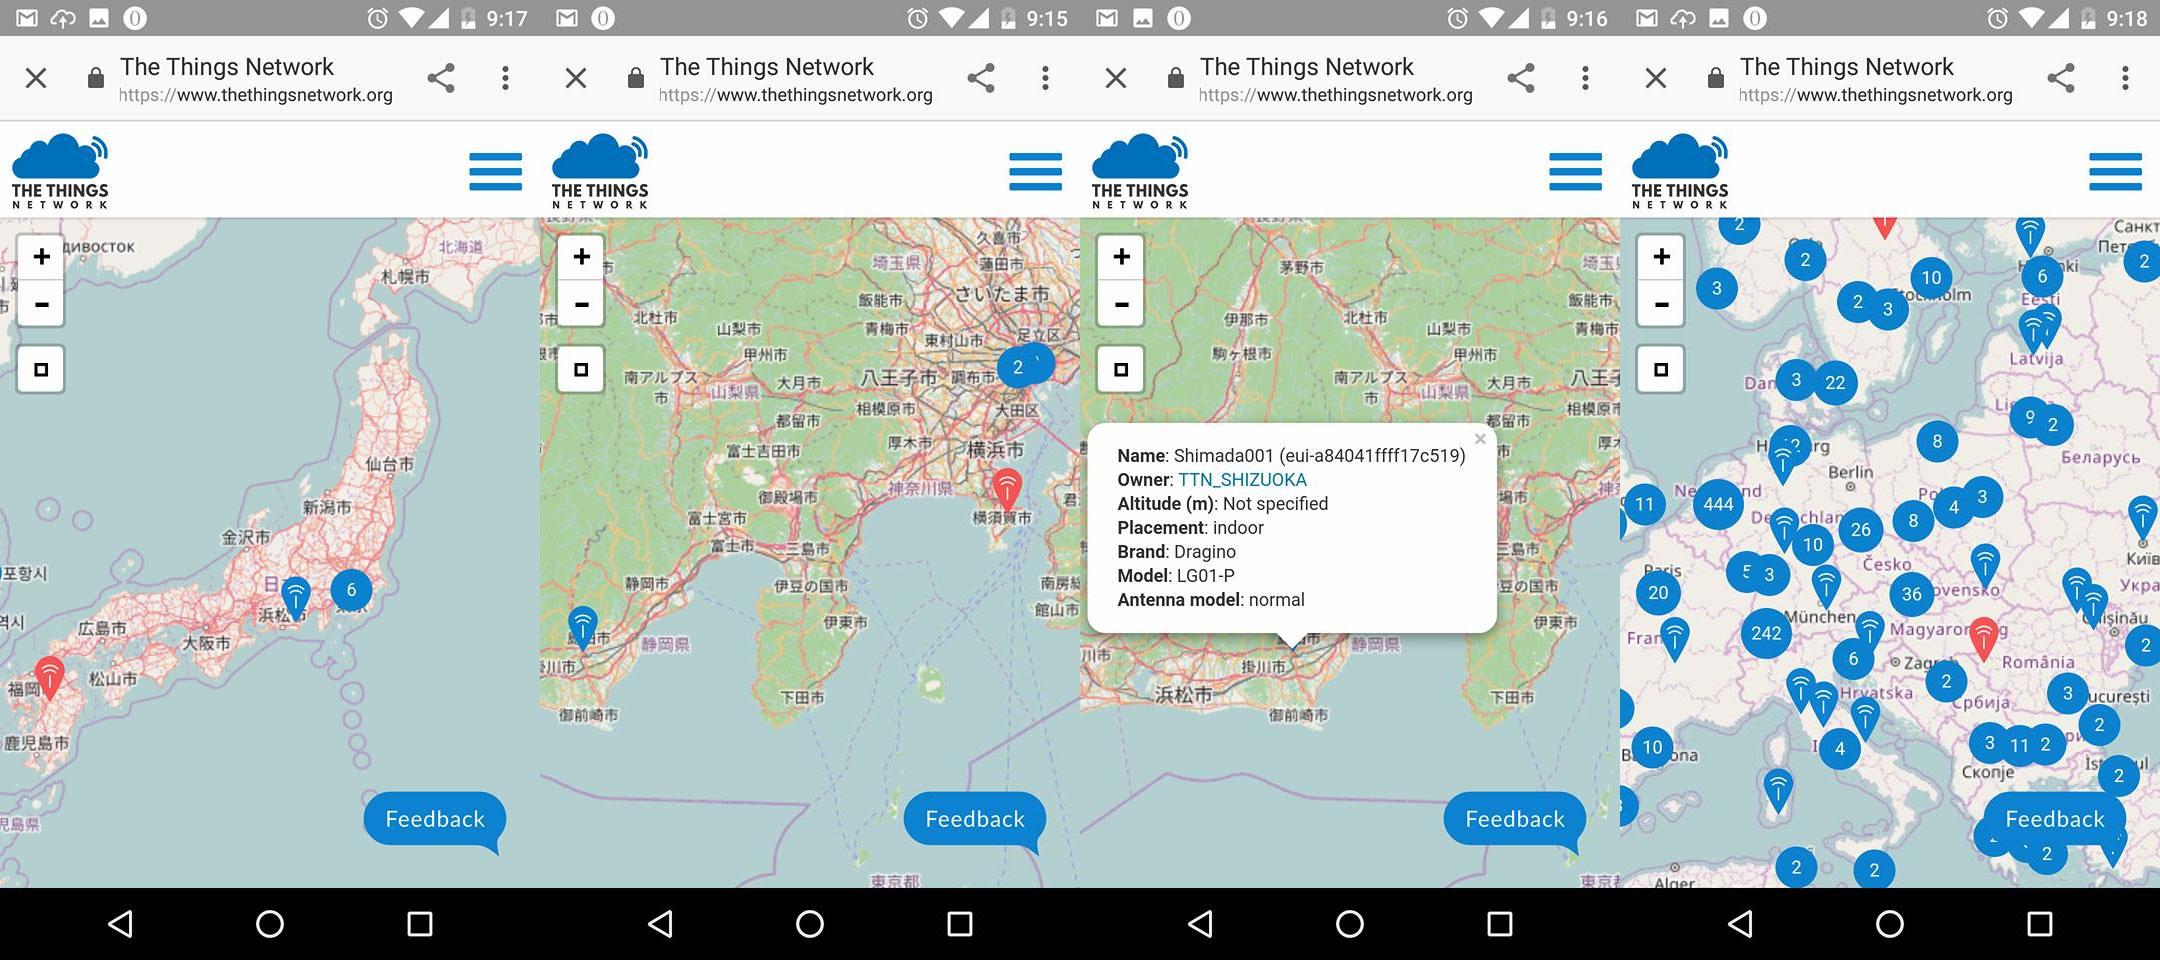 はじめてのLoRa_「The Things Network」に 「Dragino LG01-P